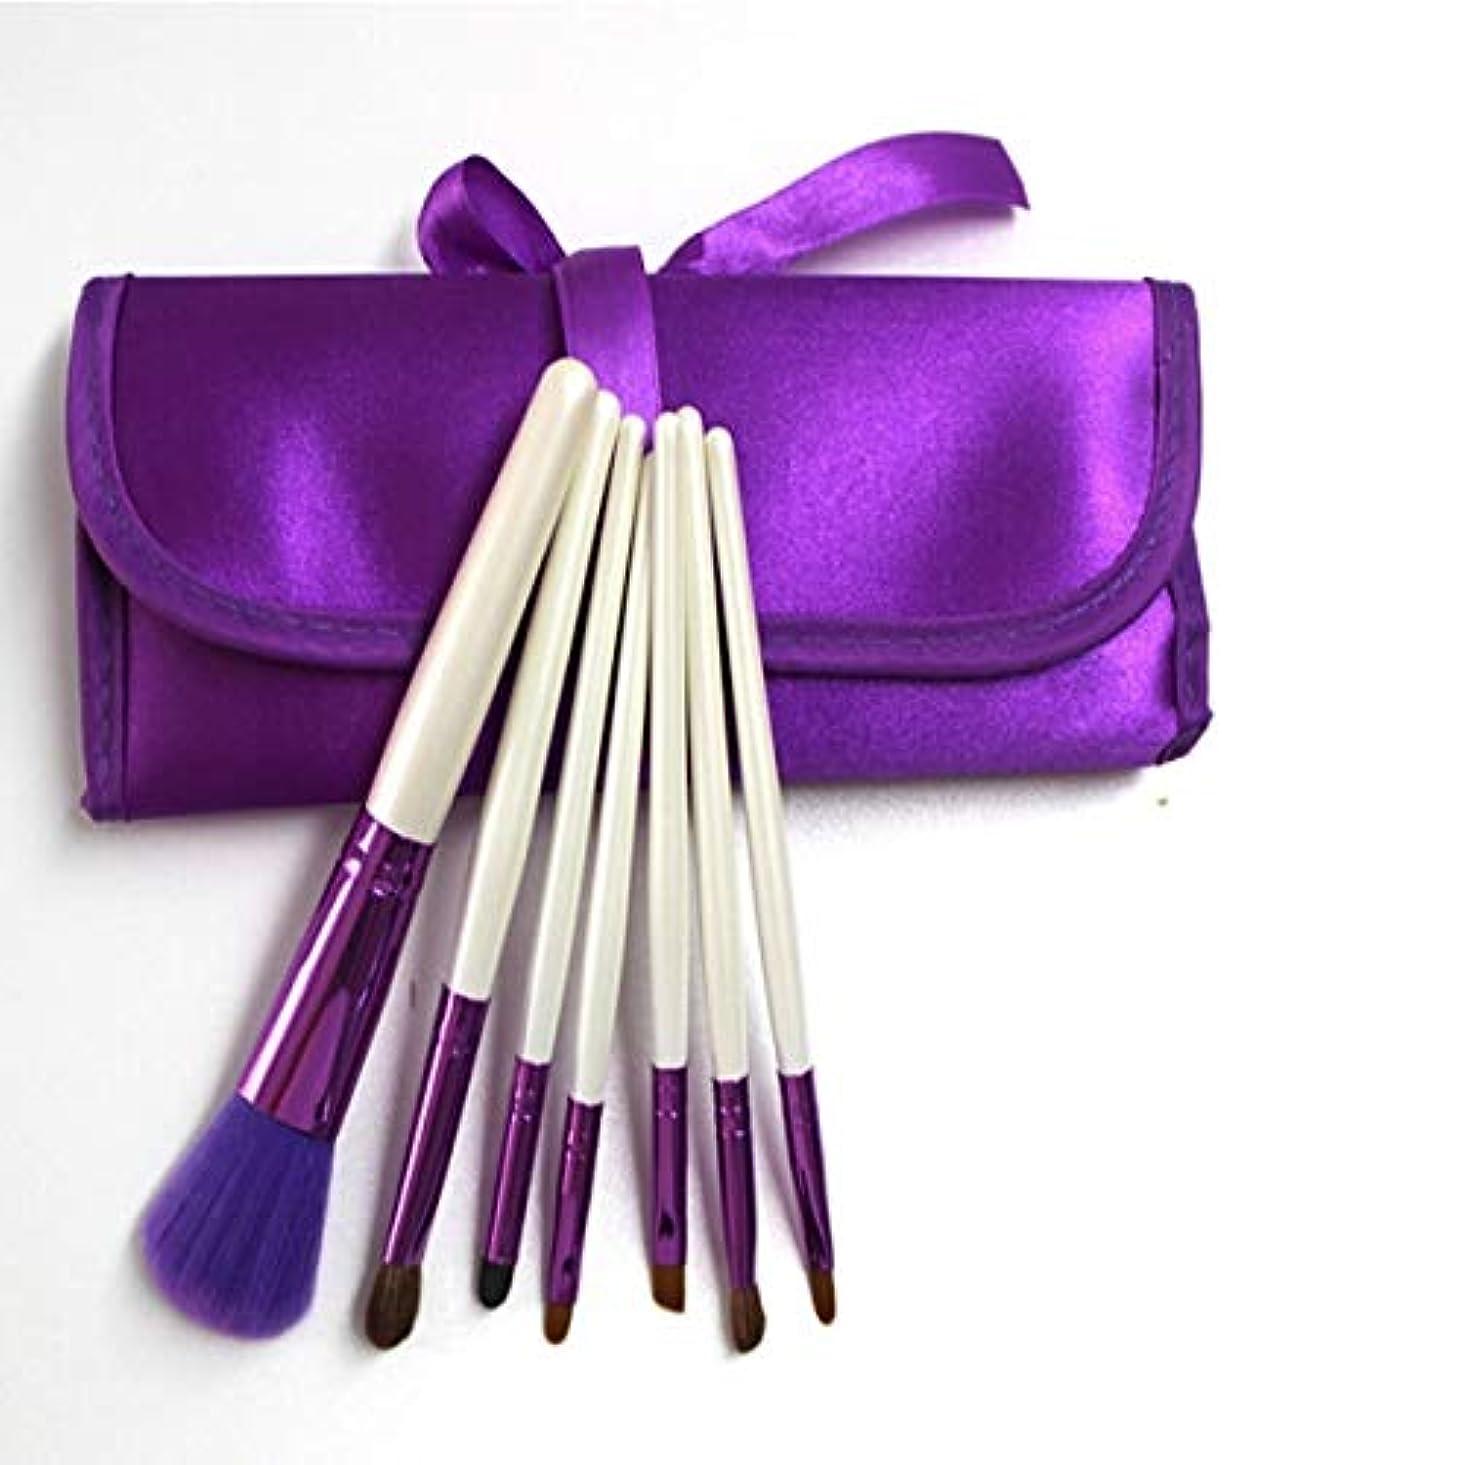 新着シアー着実にTUOFL メイクブラシセットメイクブラシセット7ピースアイシャドウブラシアイブローブラシチークブラシアイライナーブラシリップブラシメイクアップ美容ツール (Color : Purple)